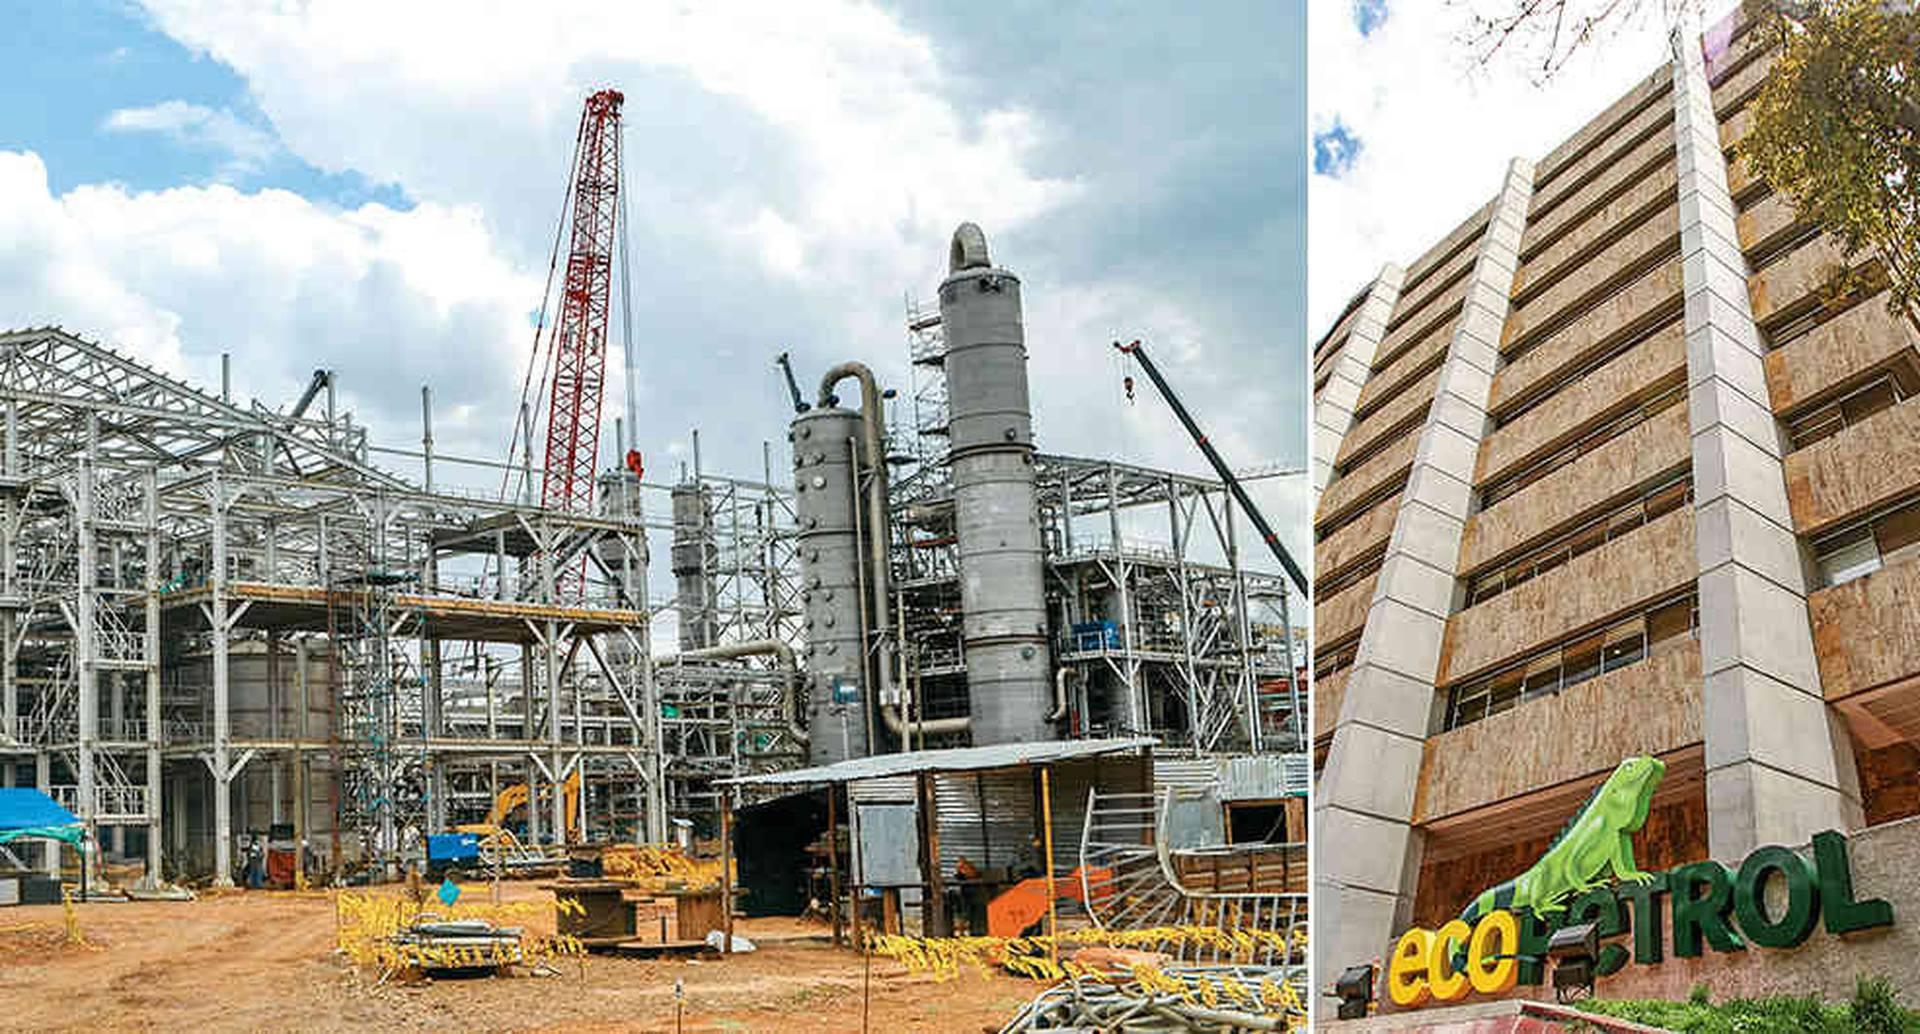 Tras diez años de multimillonarios tropiezos, Ecopetrol decidió llevar a Bioenergy, construida en Meta, a proceso de liquidación ante la Superintendencia de Sociedades. Foto: archivo particular - foto: guillermo torres-semana